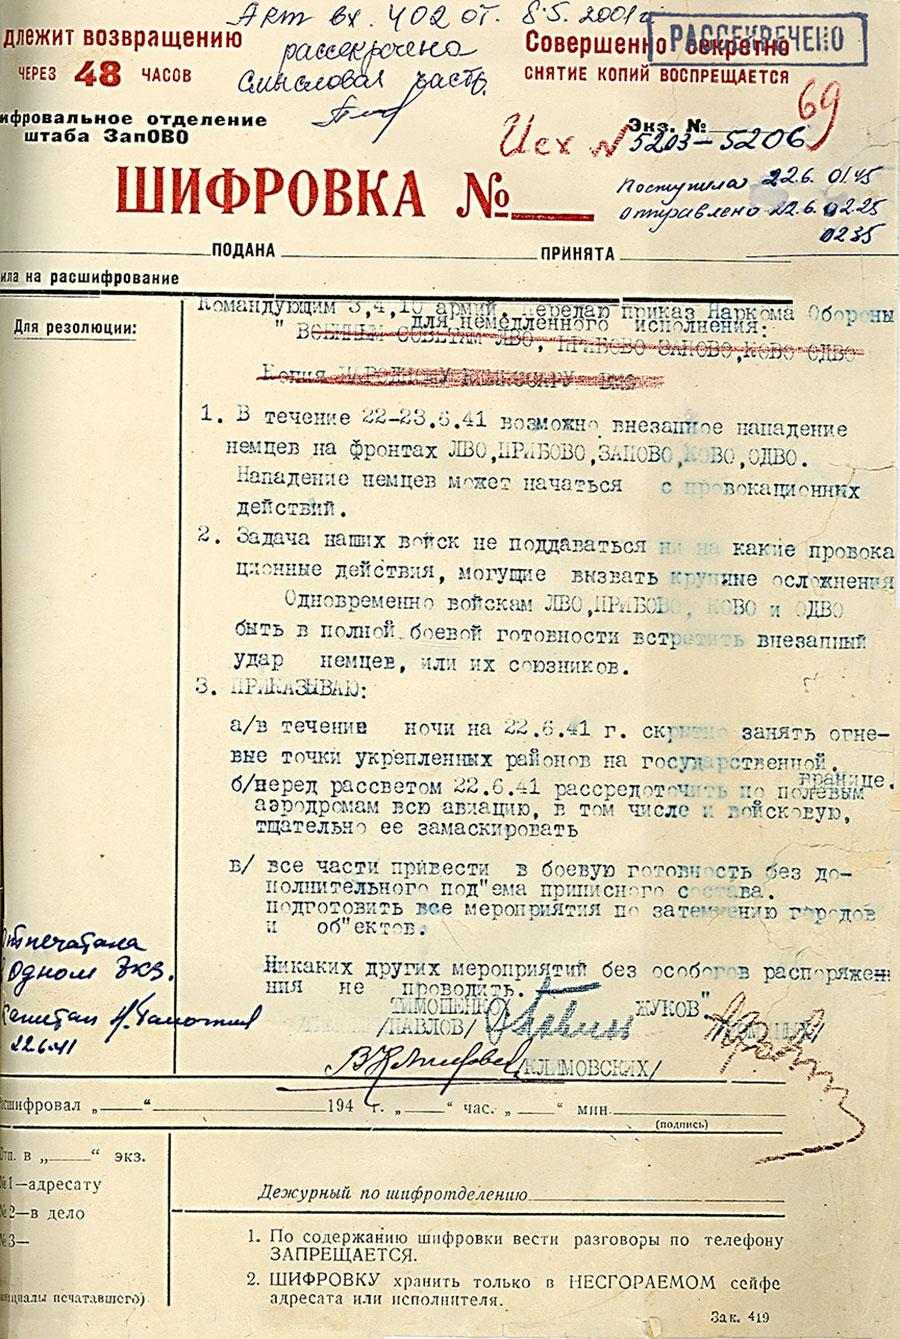 Директива Народного Комиссара Обороны СССР №1 от 22 июня 1941 г.